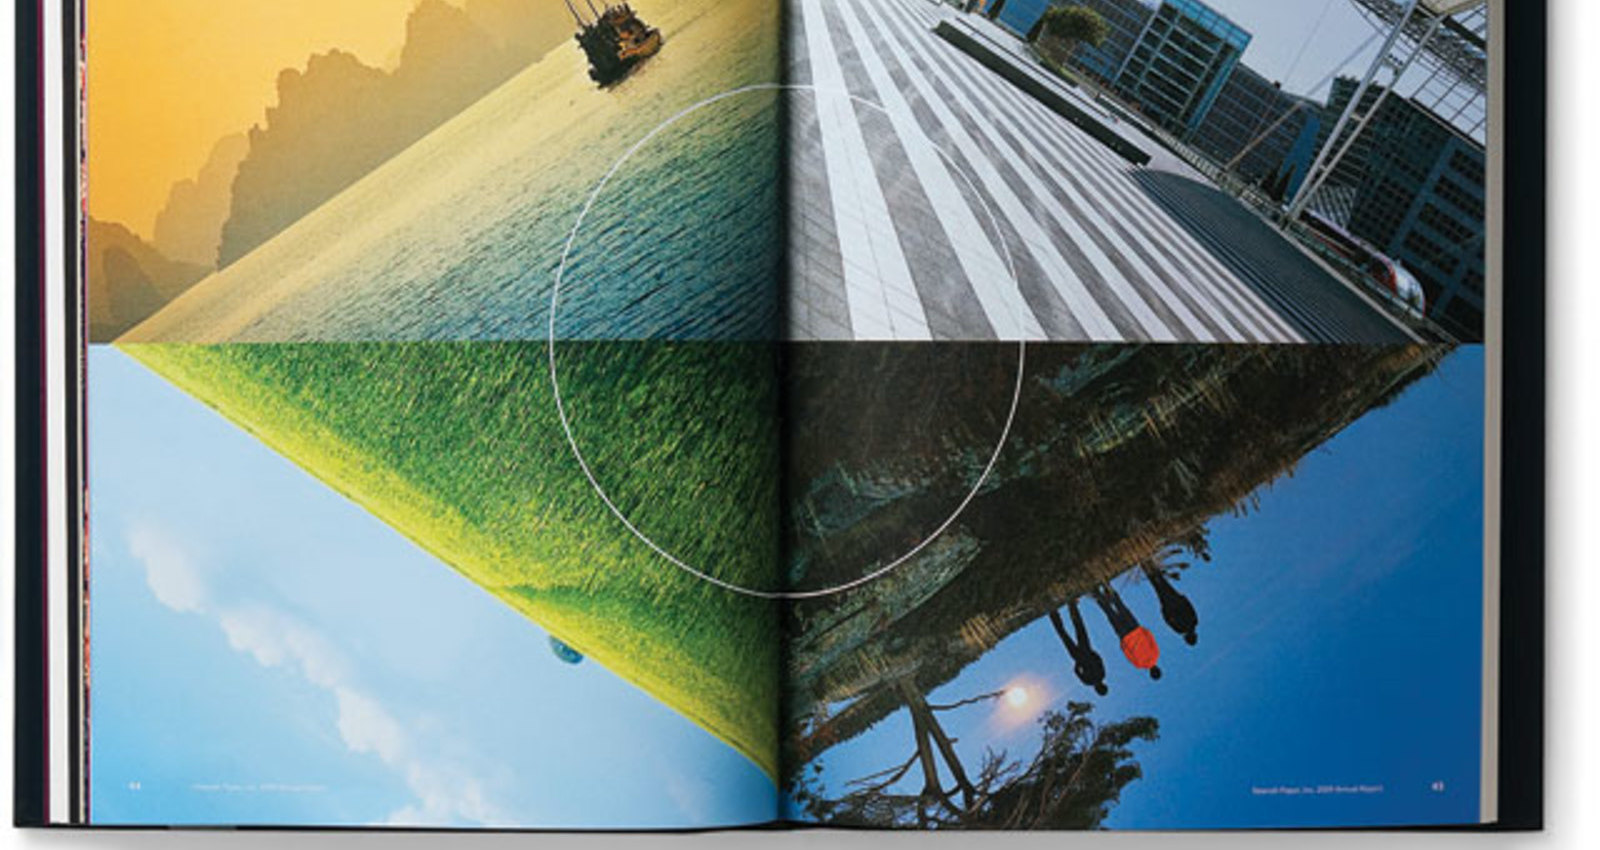 Neenah Paper 2009 Annual Report